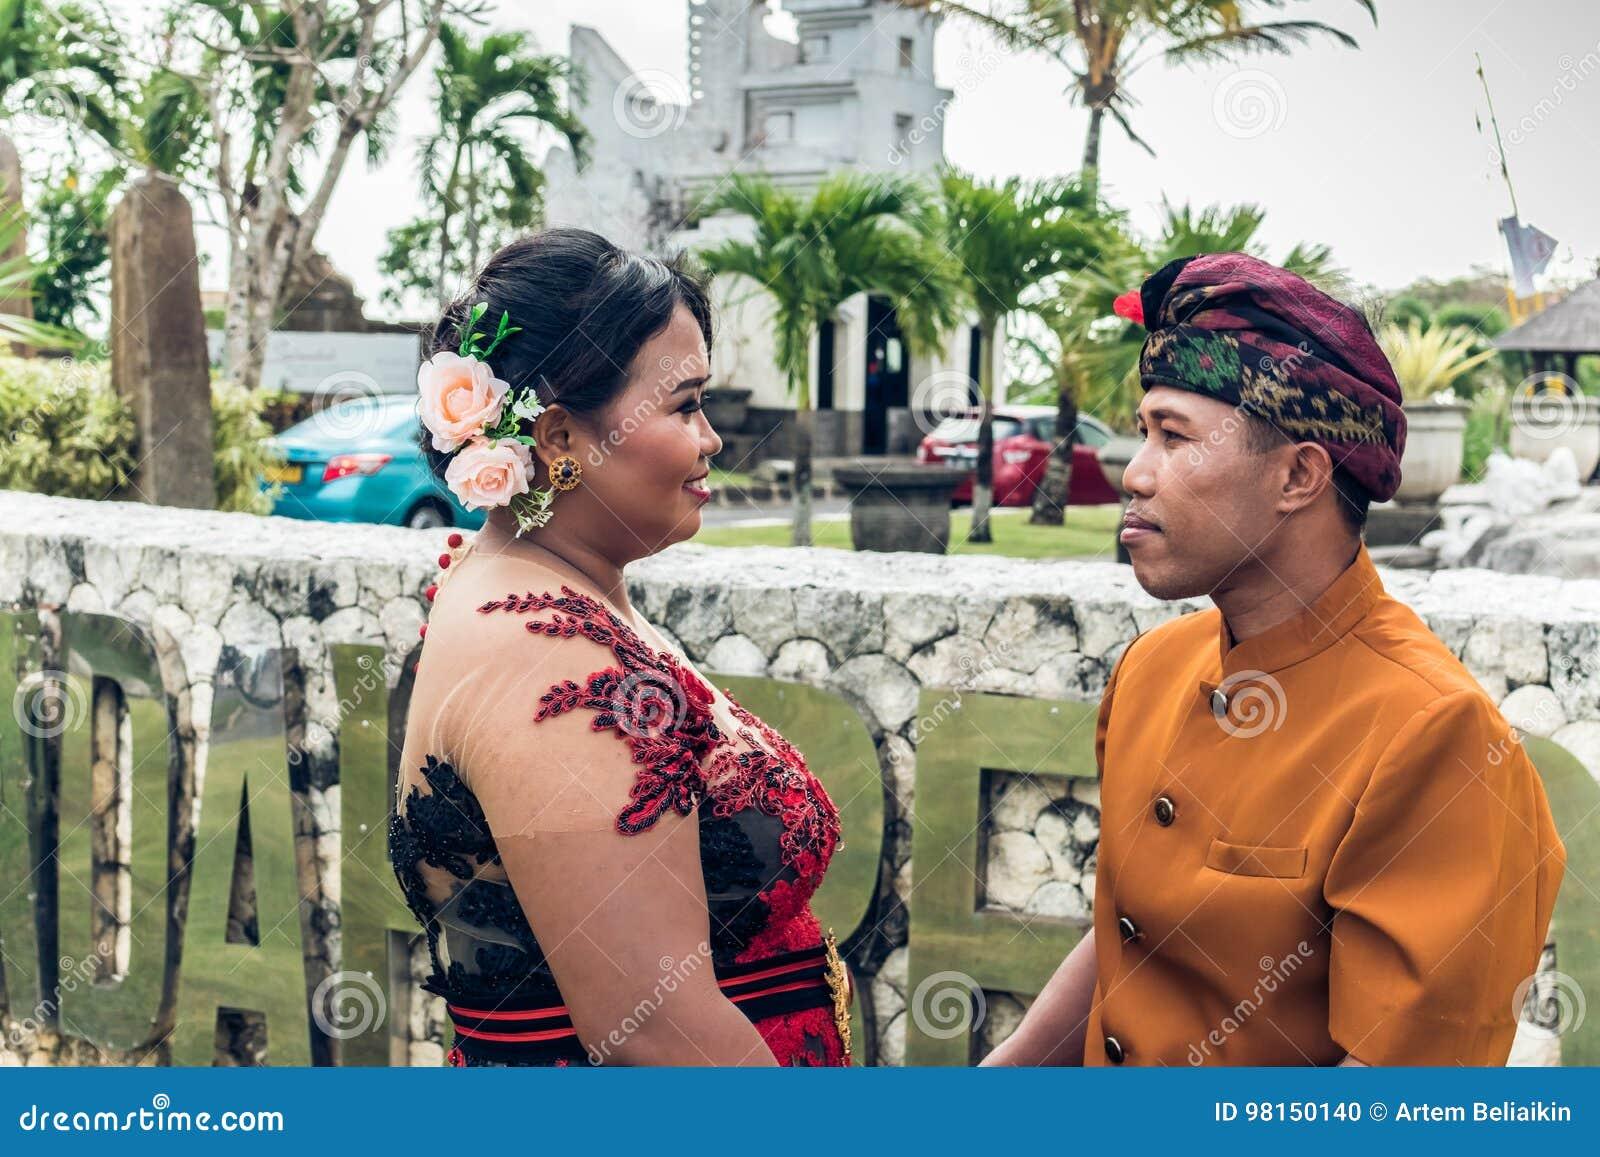 Urocza miesiąca miodowego balijczyka para w tradycyjnym odziewa wpólnie w naturze bali piękny Indonesia wyspy kuta mężczyzna bieg